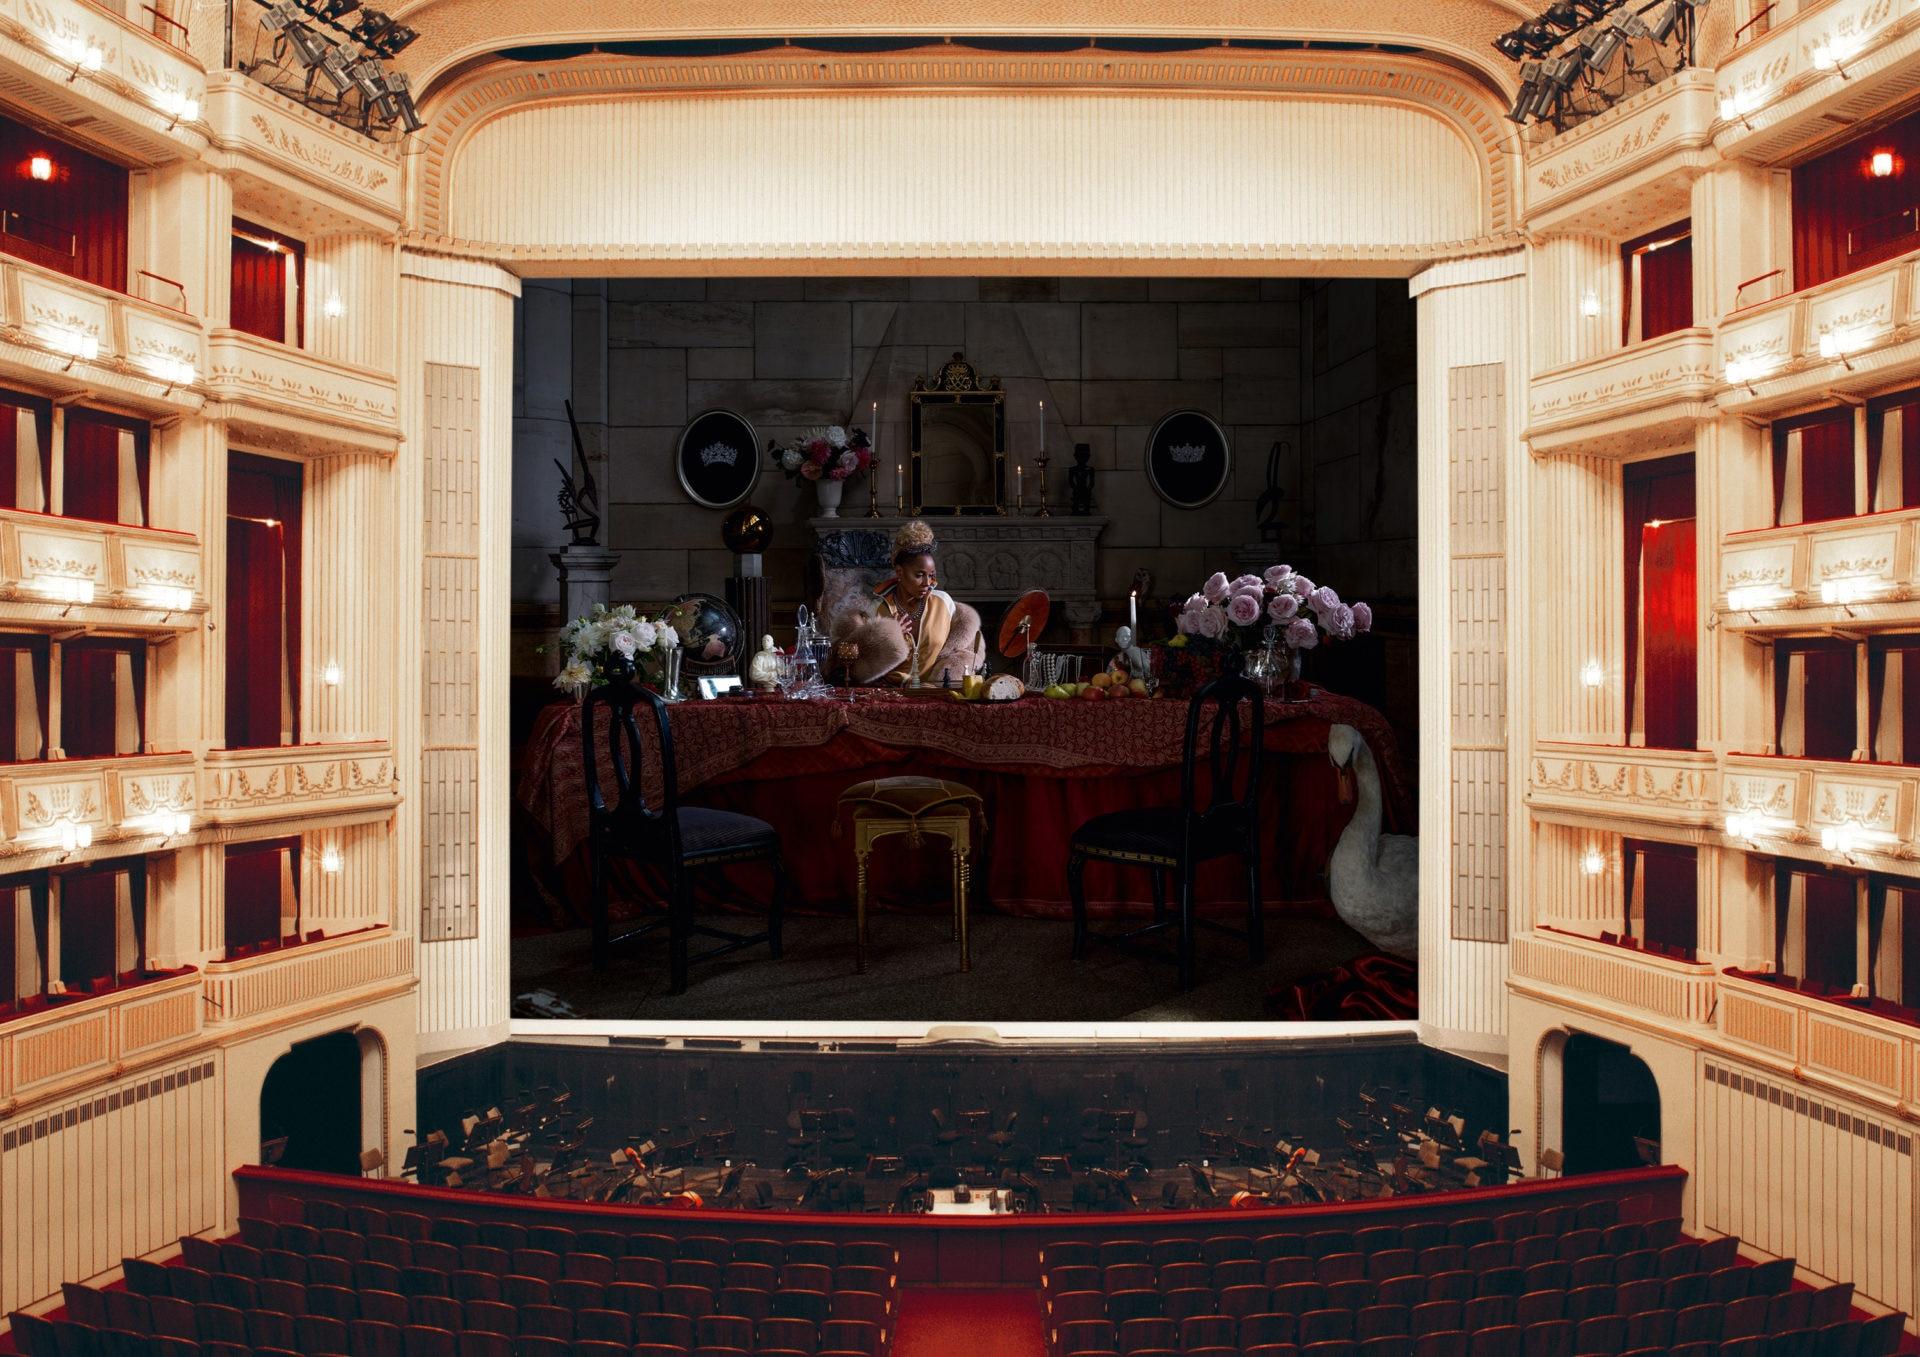 Theatervorhang: Eine Grenze zwischen Wirklichkeit und Illusion